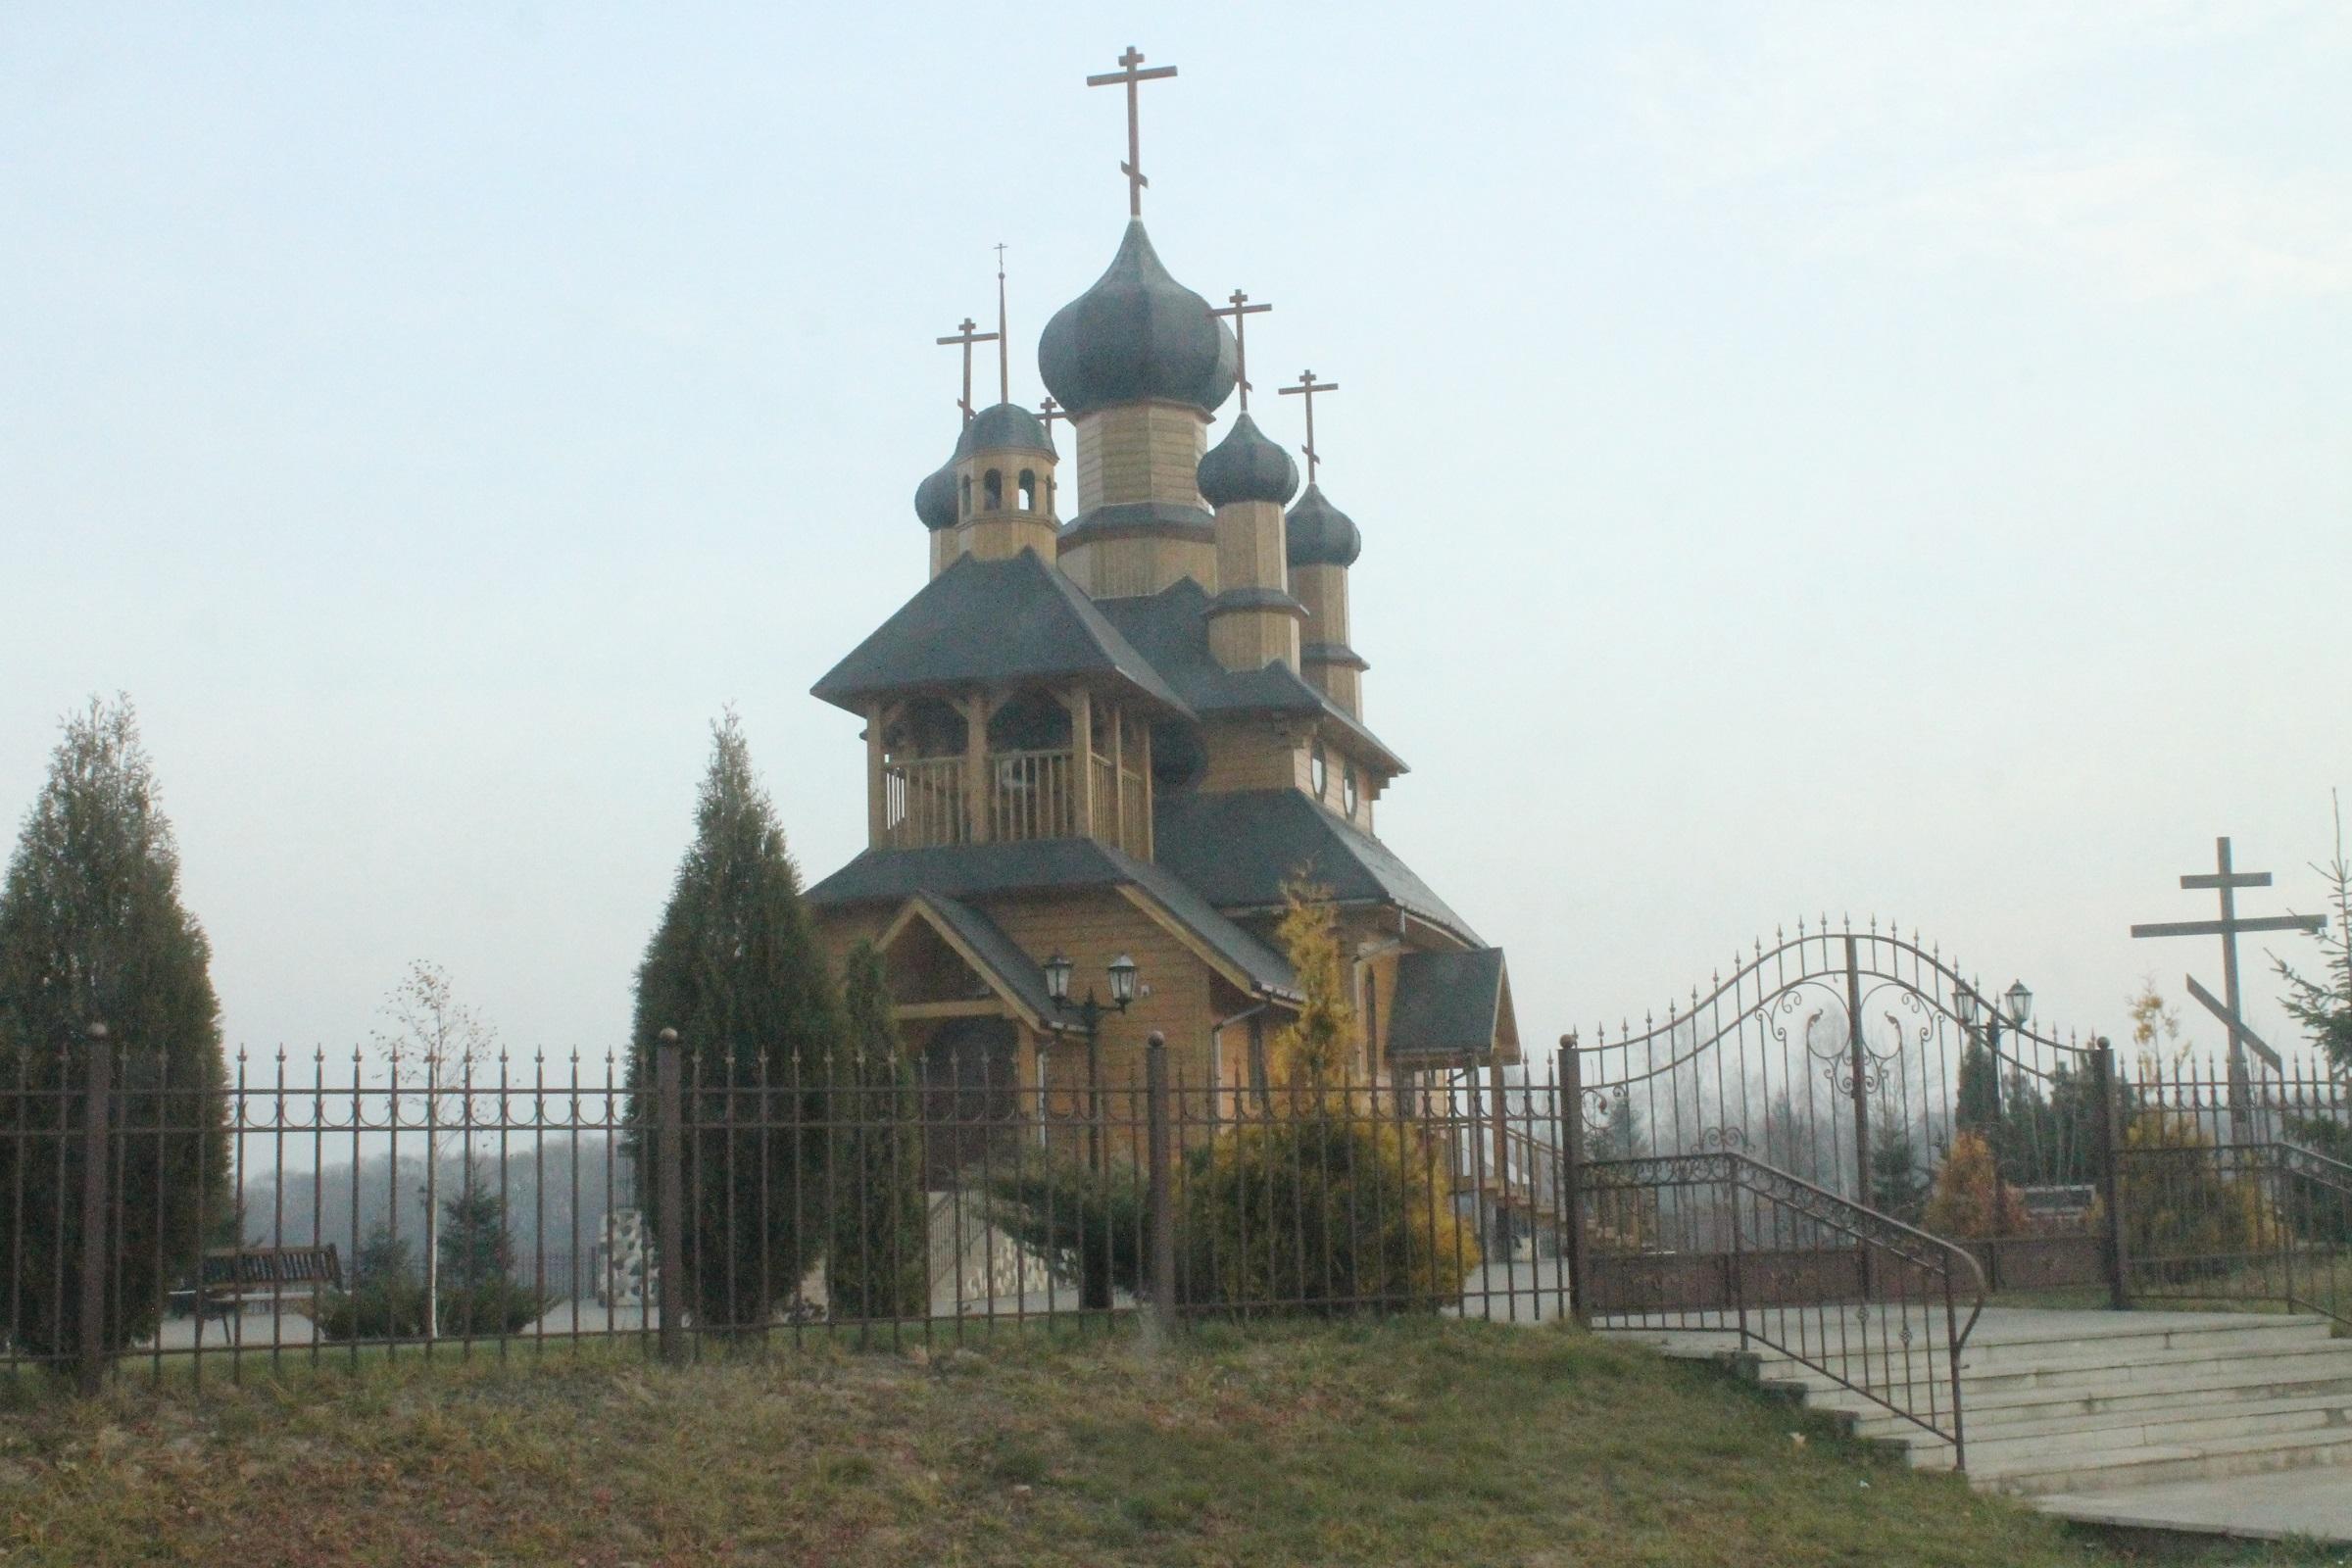 IMG 1688 - Музей Дудутки